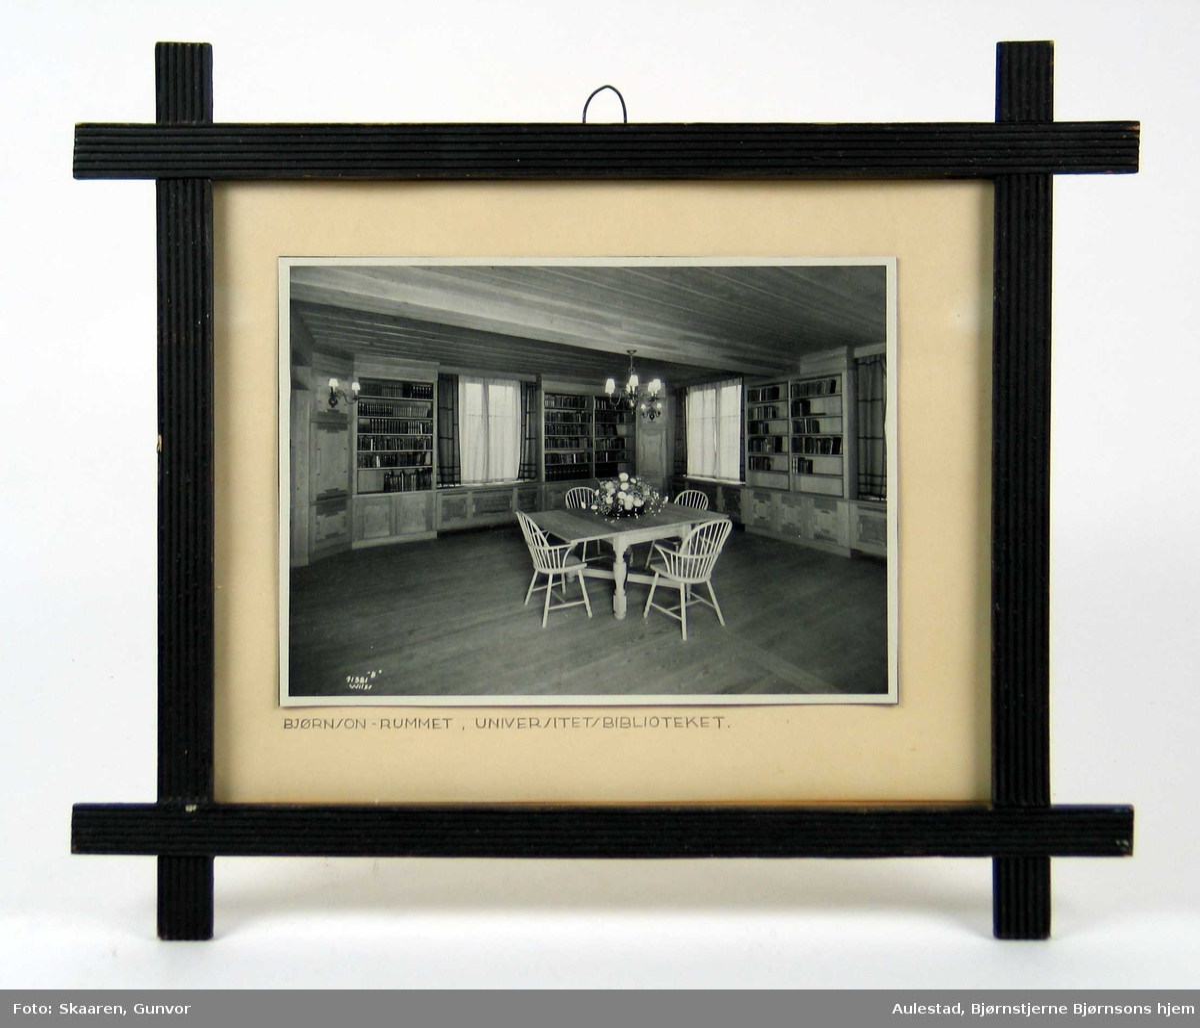 Fotografi limt på lys kartong og rammet inn med glass og svart treramme med riller. Hjørnene er lagt i kryss.